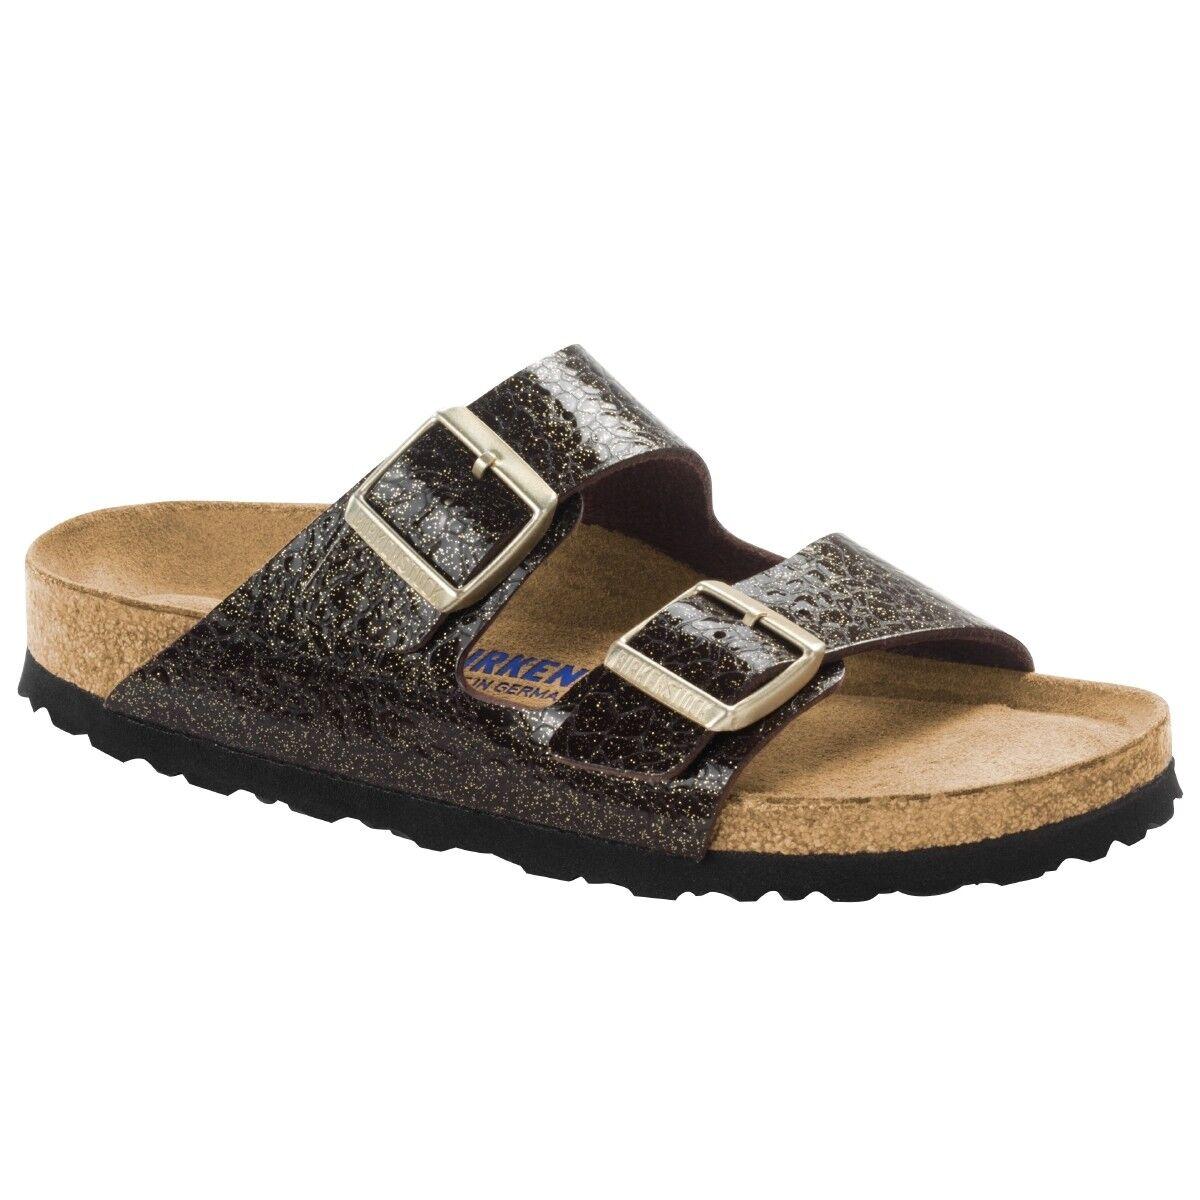 Casual salvaje Bosque alfil hanno cuero sandalia zapatos DG 46/11 Dynamic negro cuyo